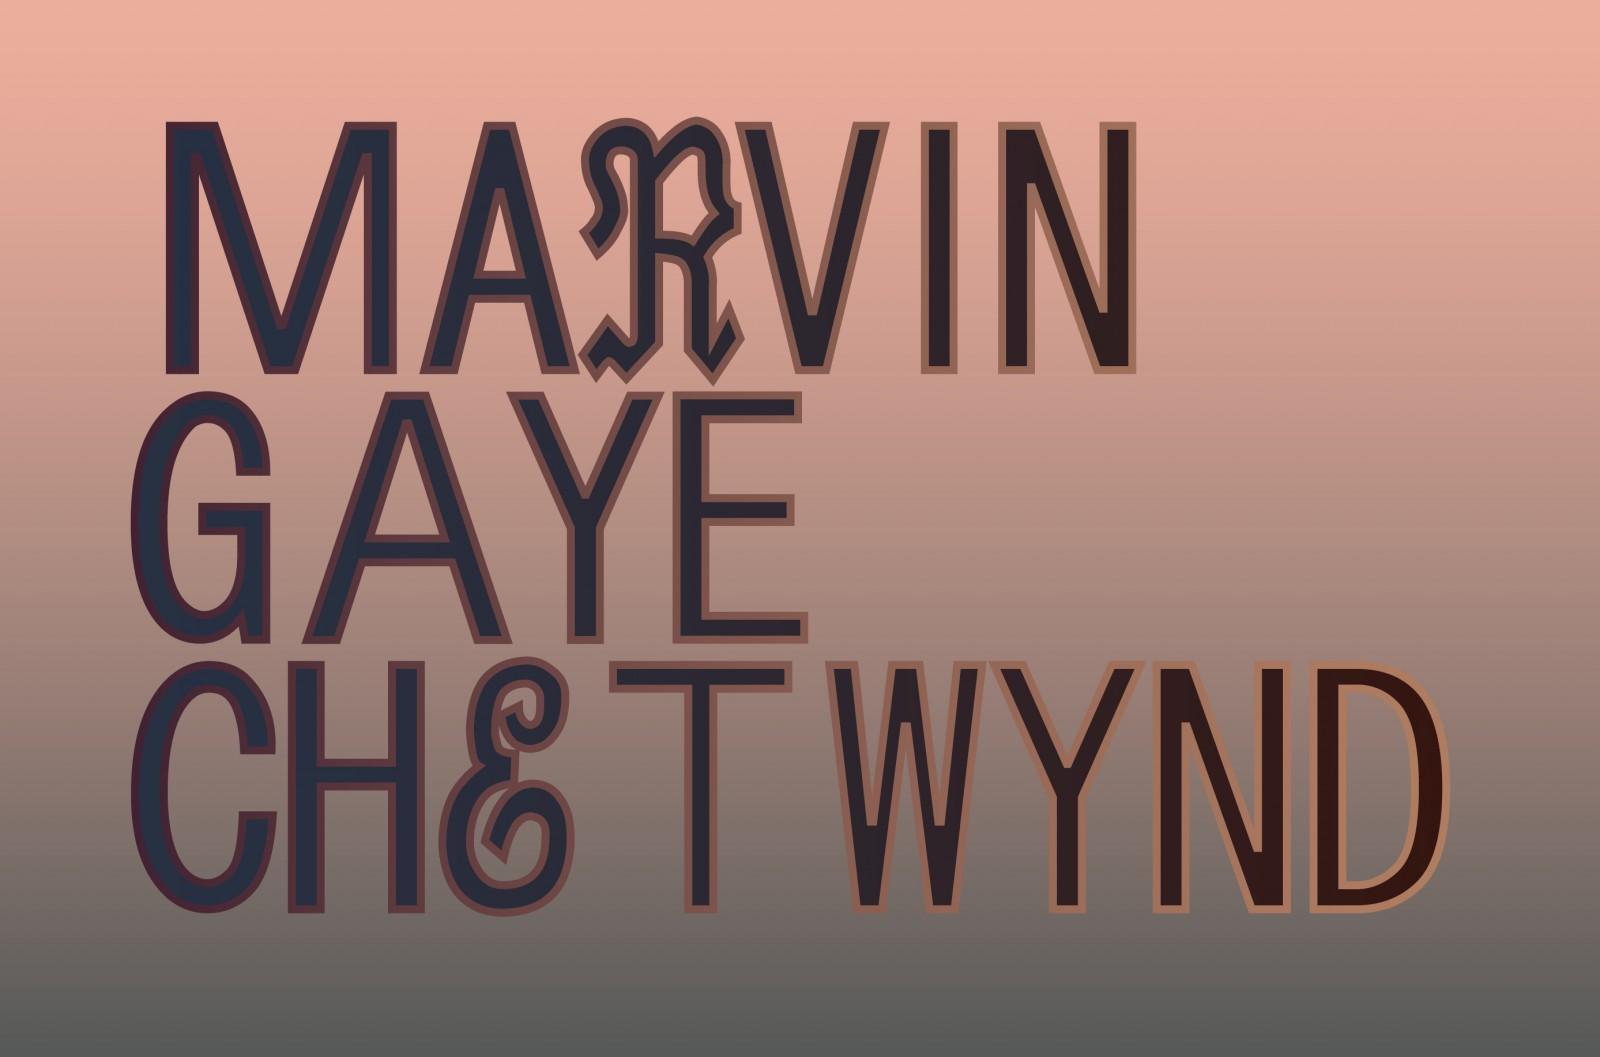 Marvin_Gaye_chetwynd